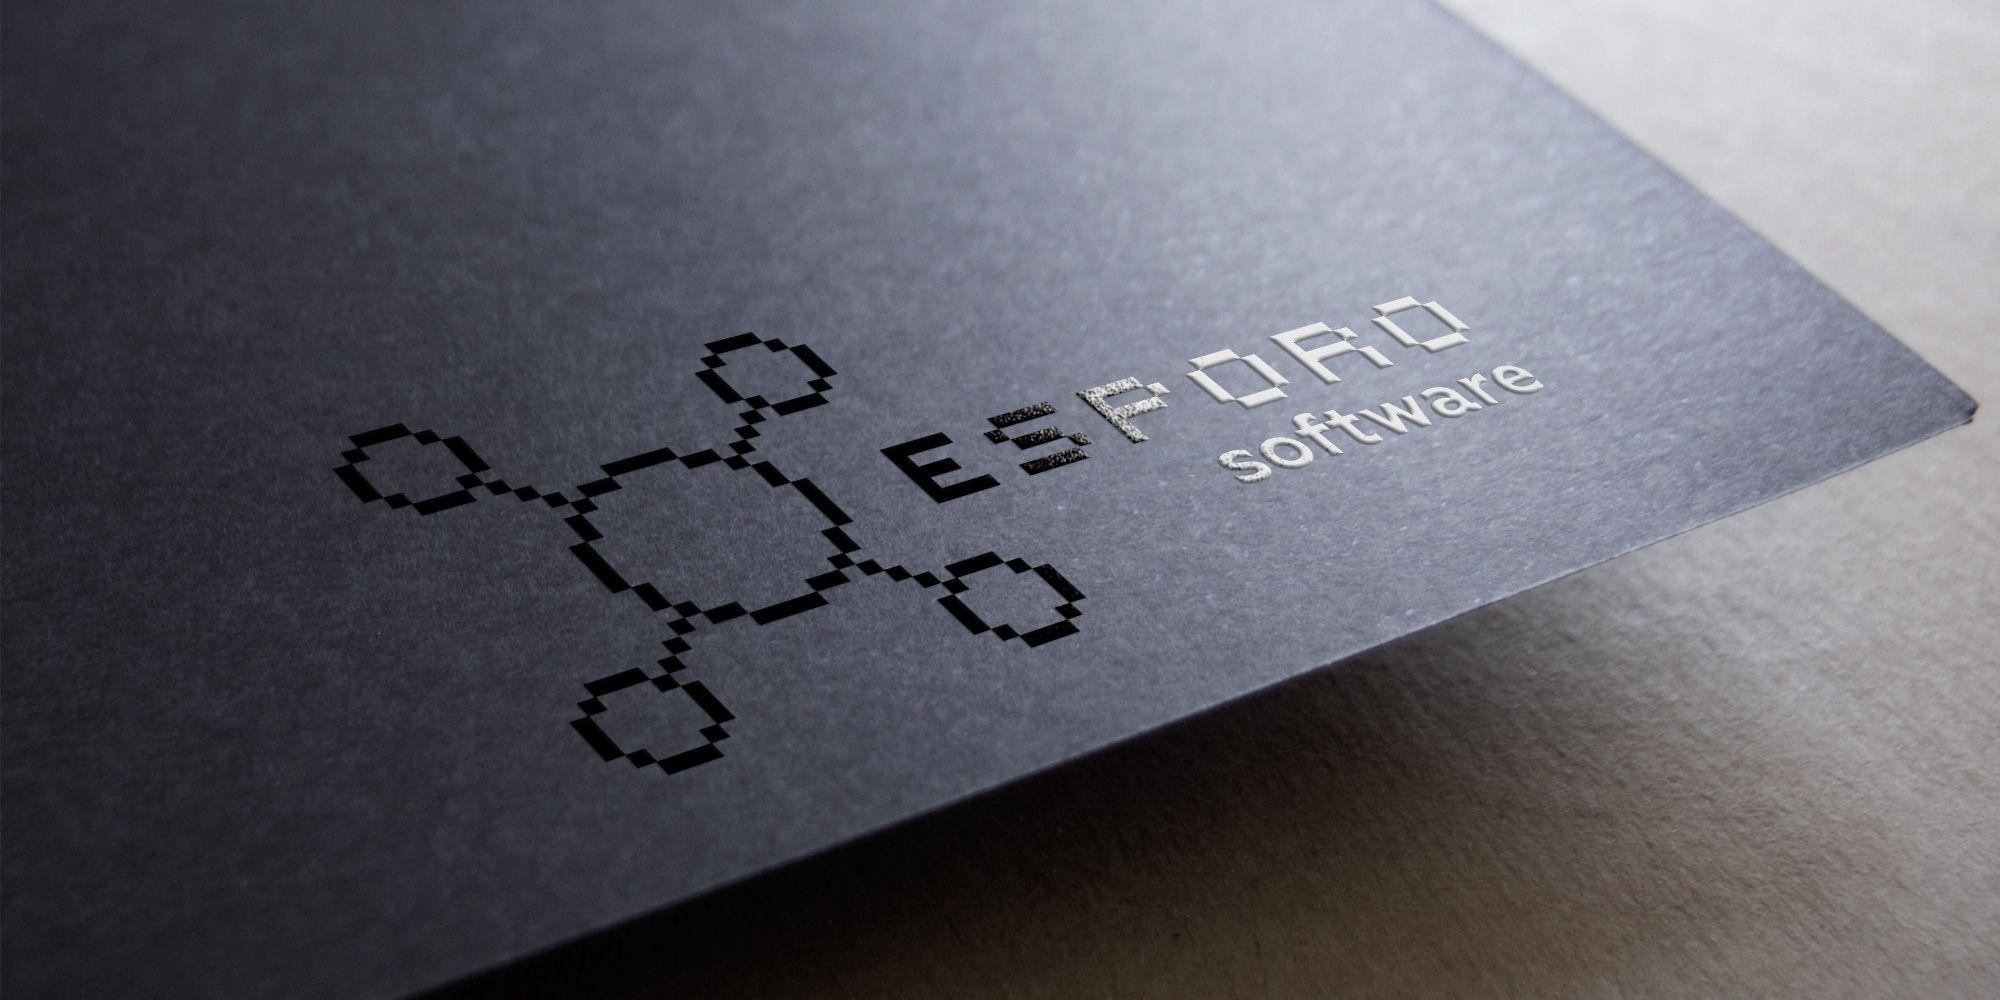 Логотип и фирменный стиль для ИТ-компании - дизайнер TanOK1